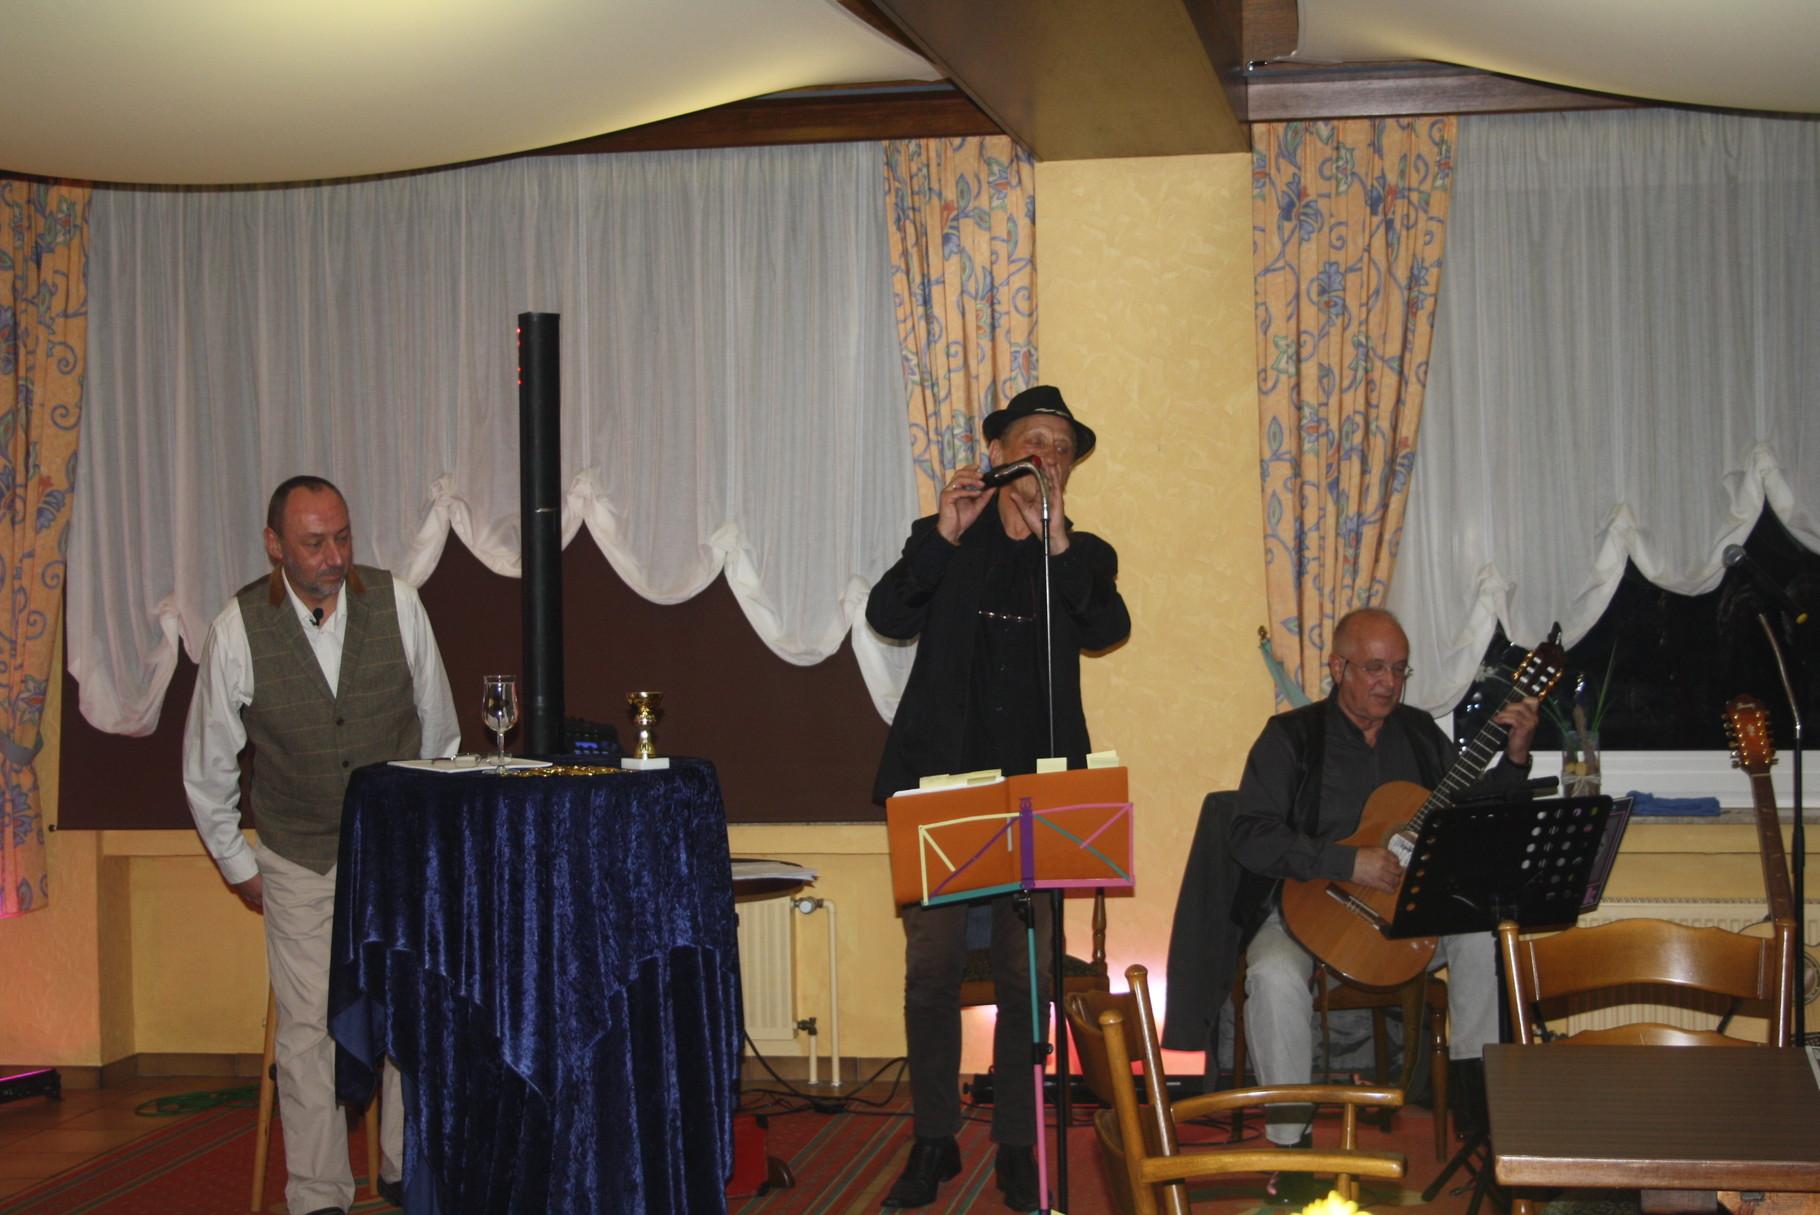 Mördergold auf Tour - Premiere im Eisernen Ritter in Boppard/Weiler am 15.10.15